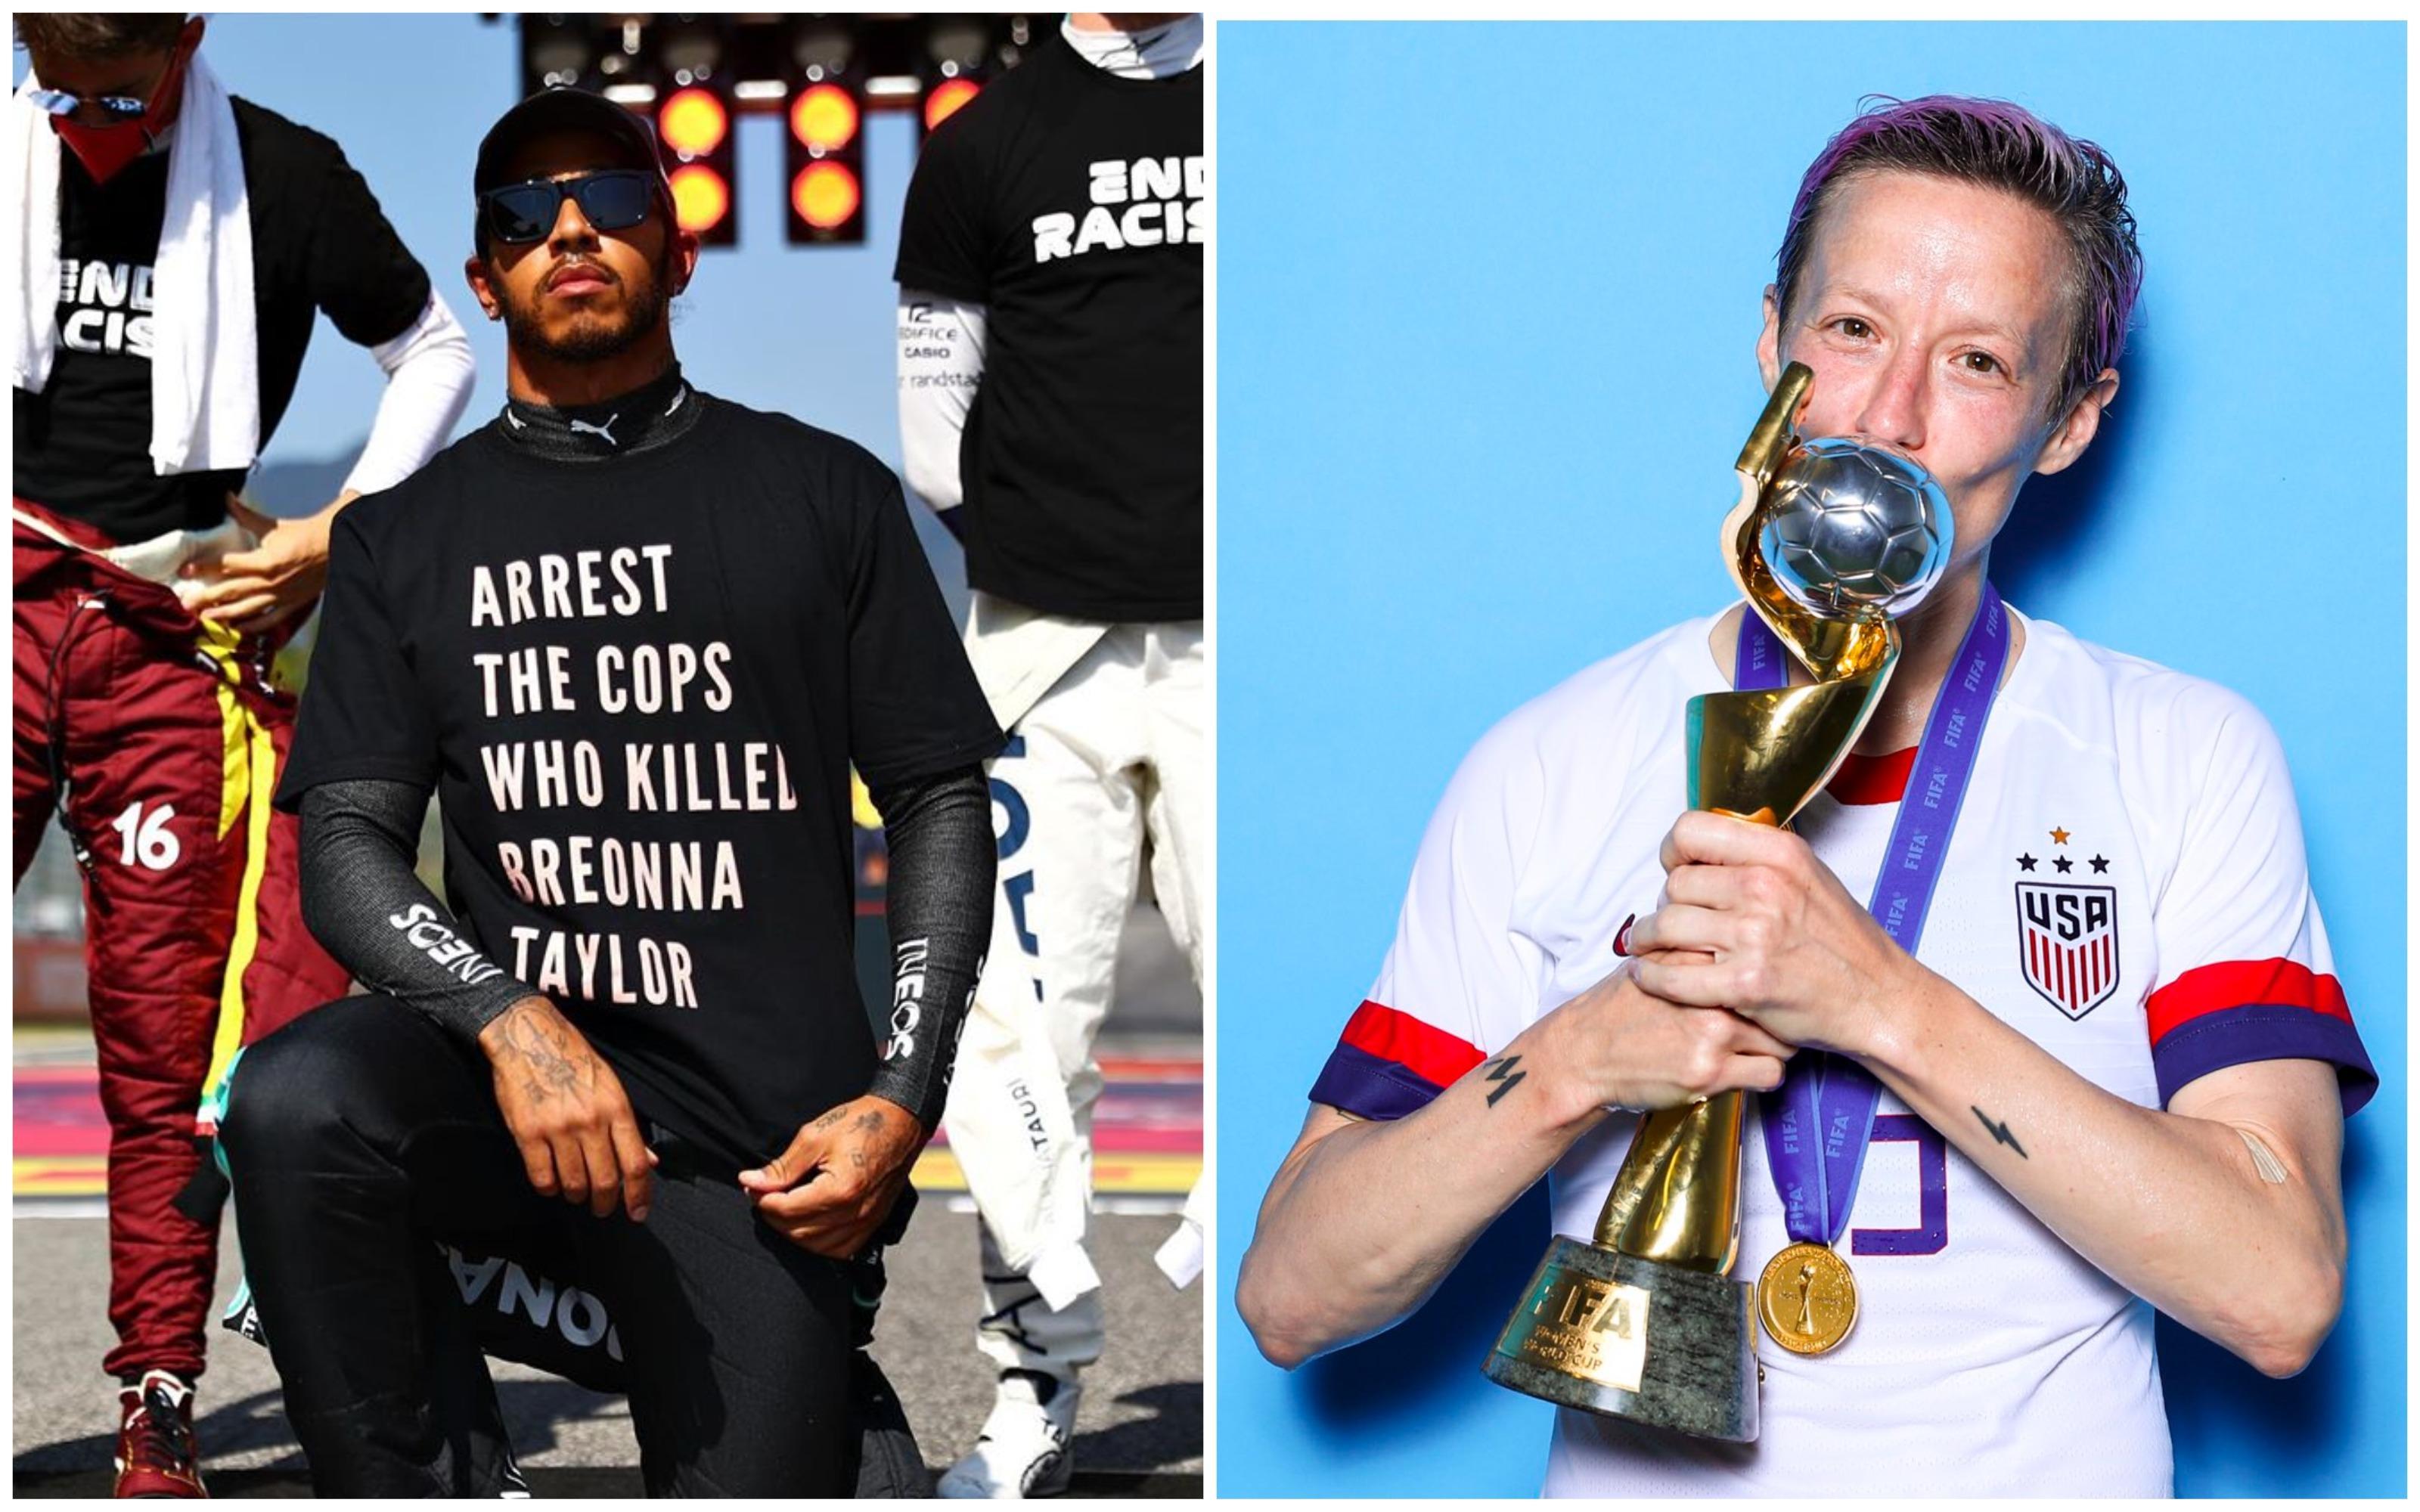 Темнокожий гонщик и футболистка-лесбиянка. Самые влиятельные спортсмены мира